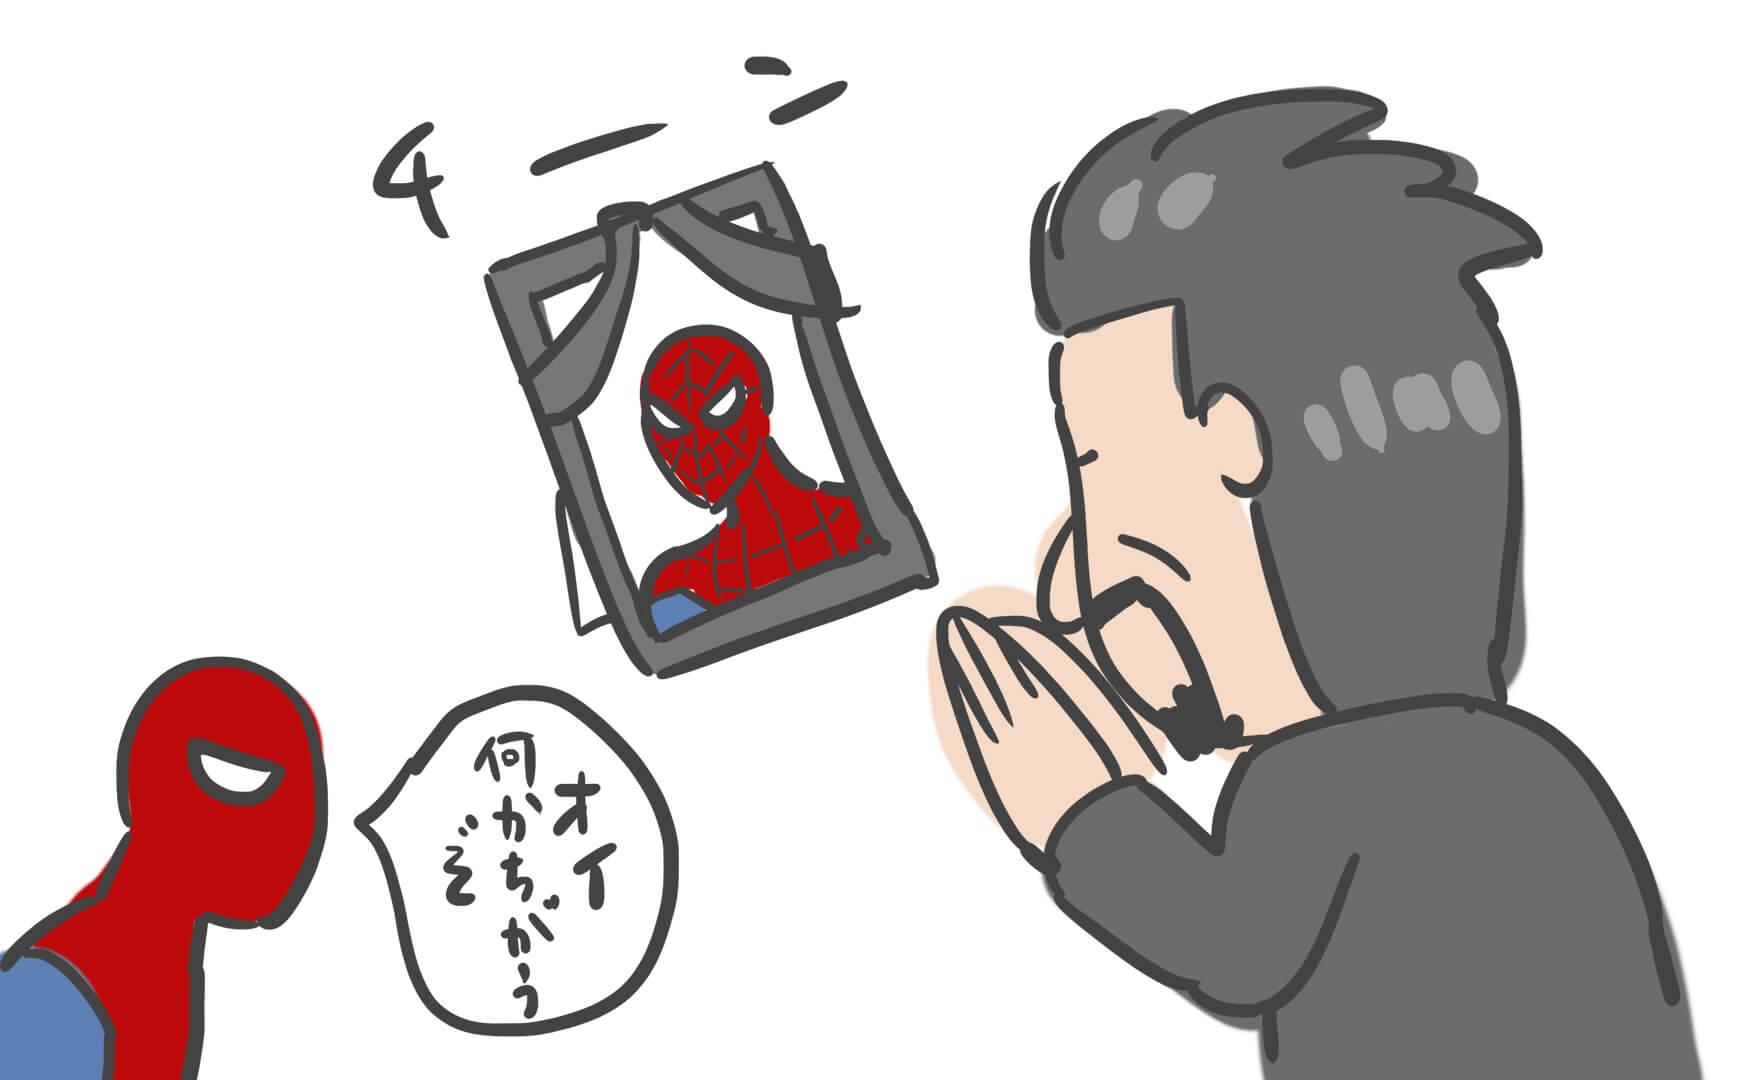 トニーとピーターのイラスト